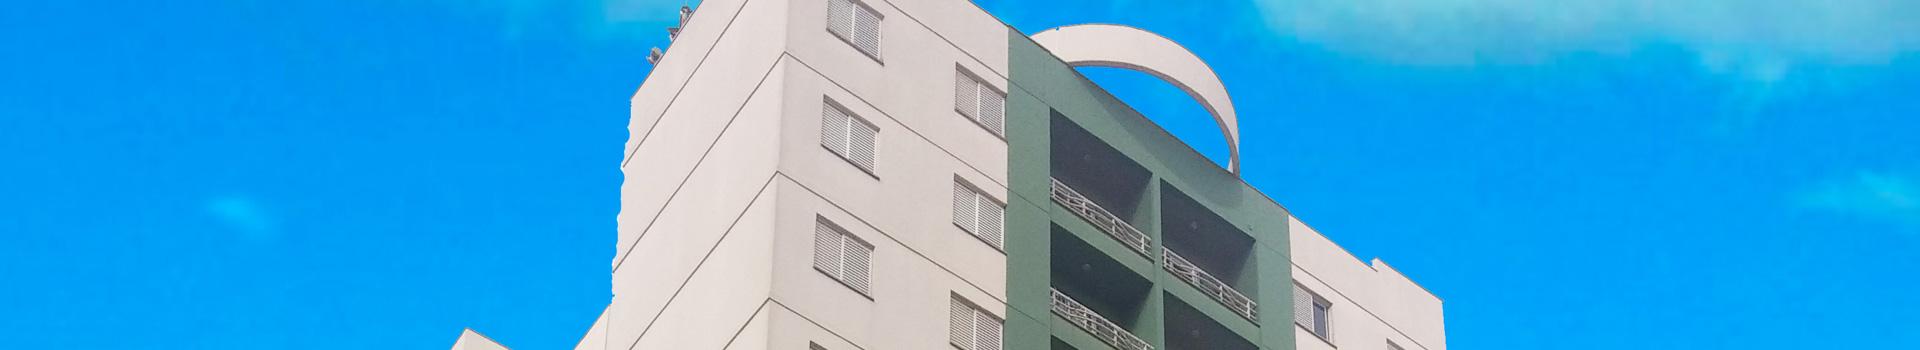 Ravena Área Construída: 3.401m² - São Bernardo - Campinas / SP